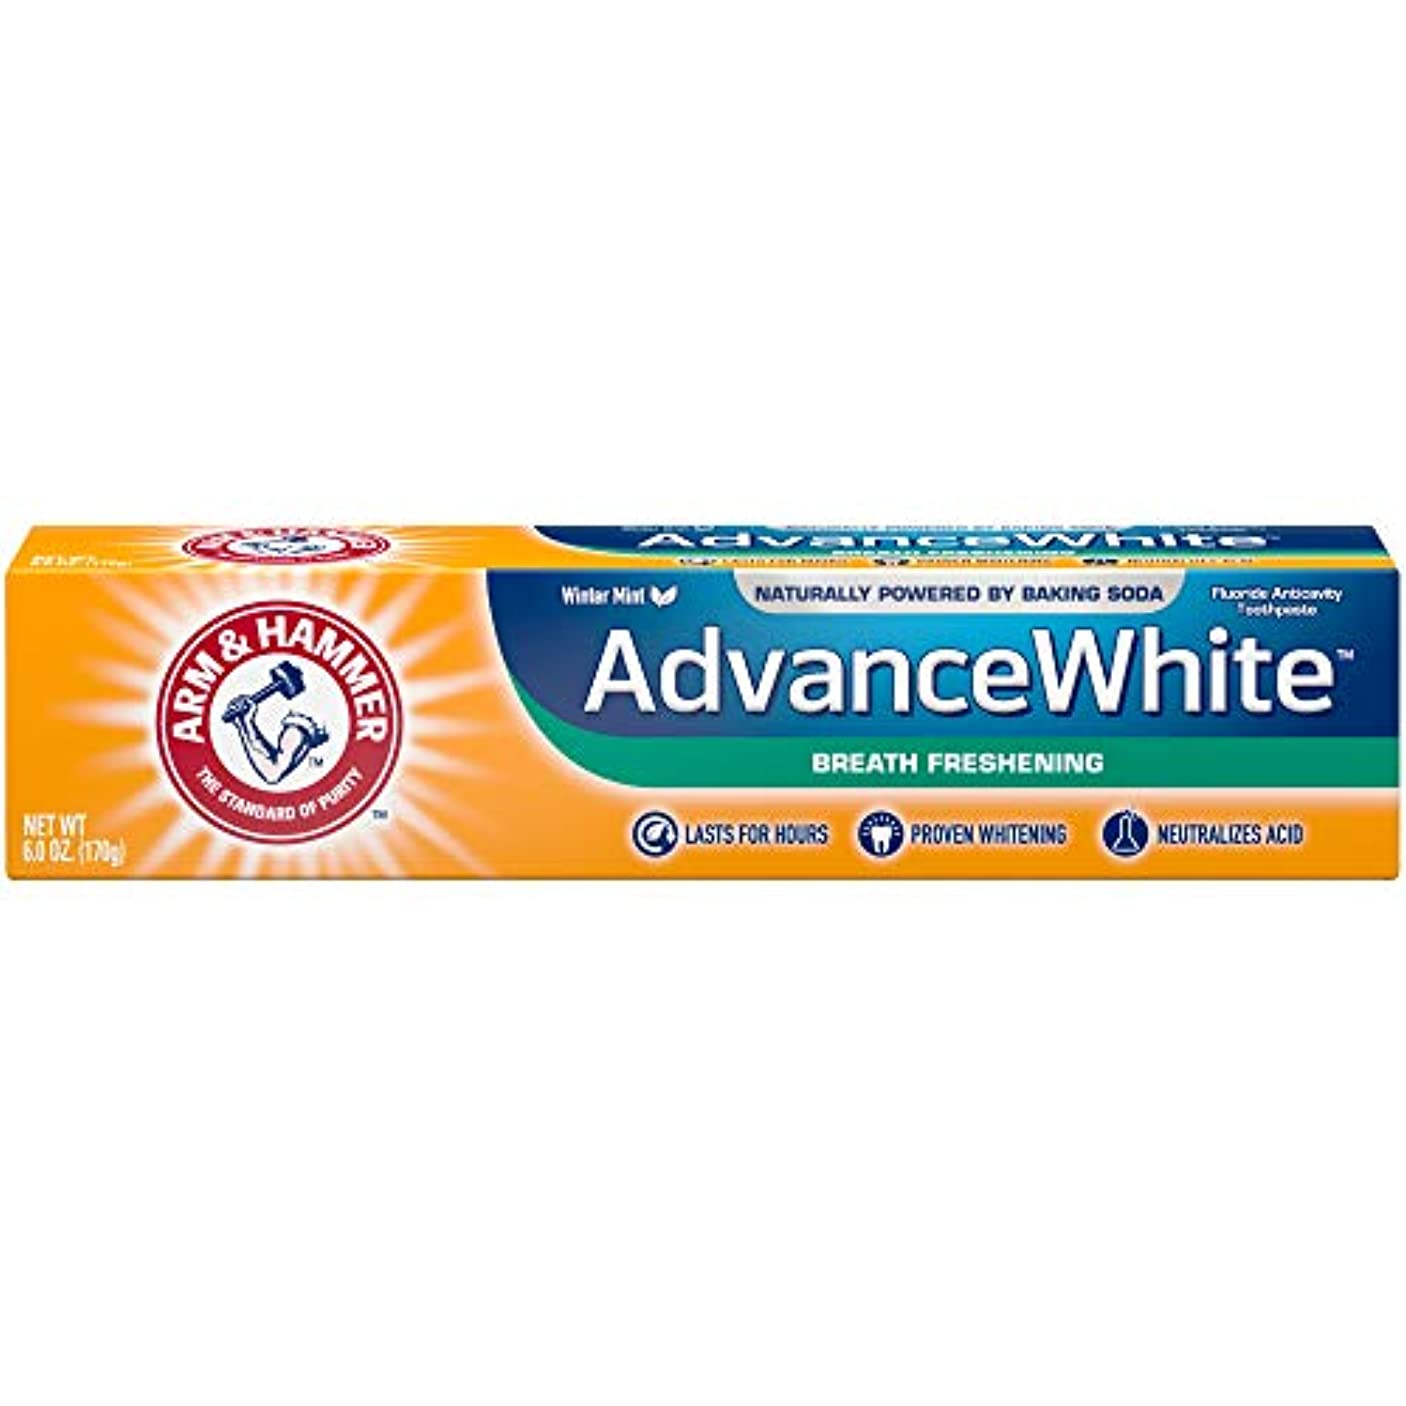 症候群勇気はっきりとアーム&ハマー アドバンス ホワイト 歯磨き粉 ブレス フレッシュニング 170g Advance White Breath Freshing Baking Soda & Frosted Mint